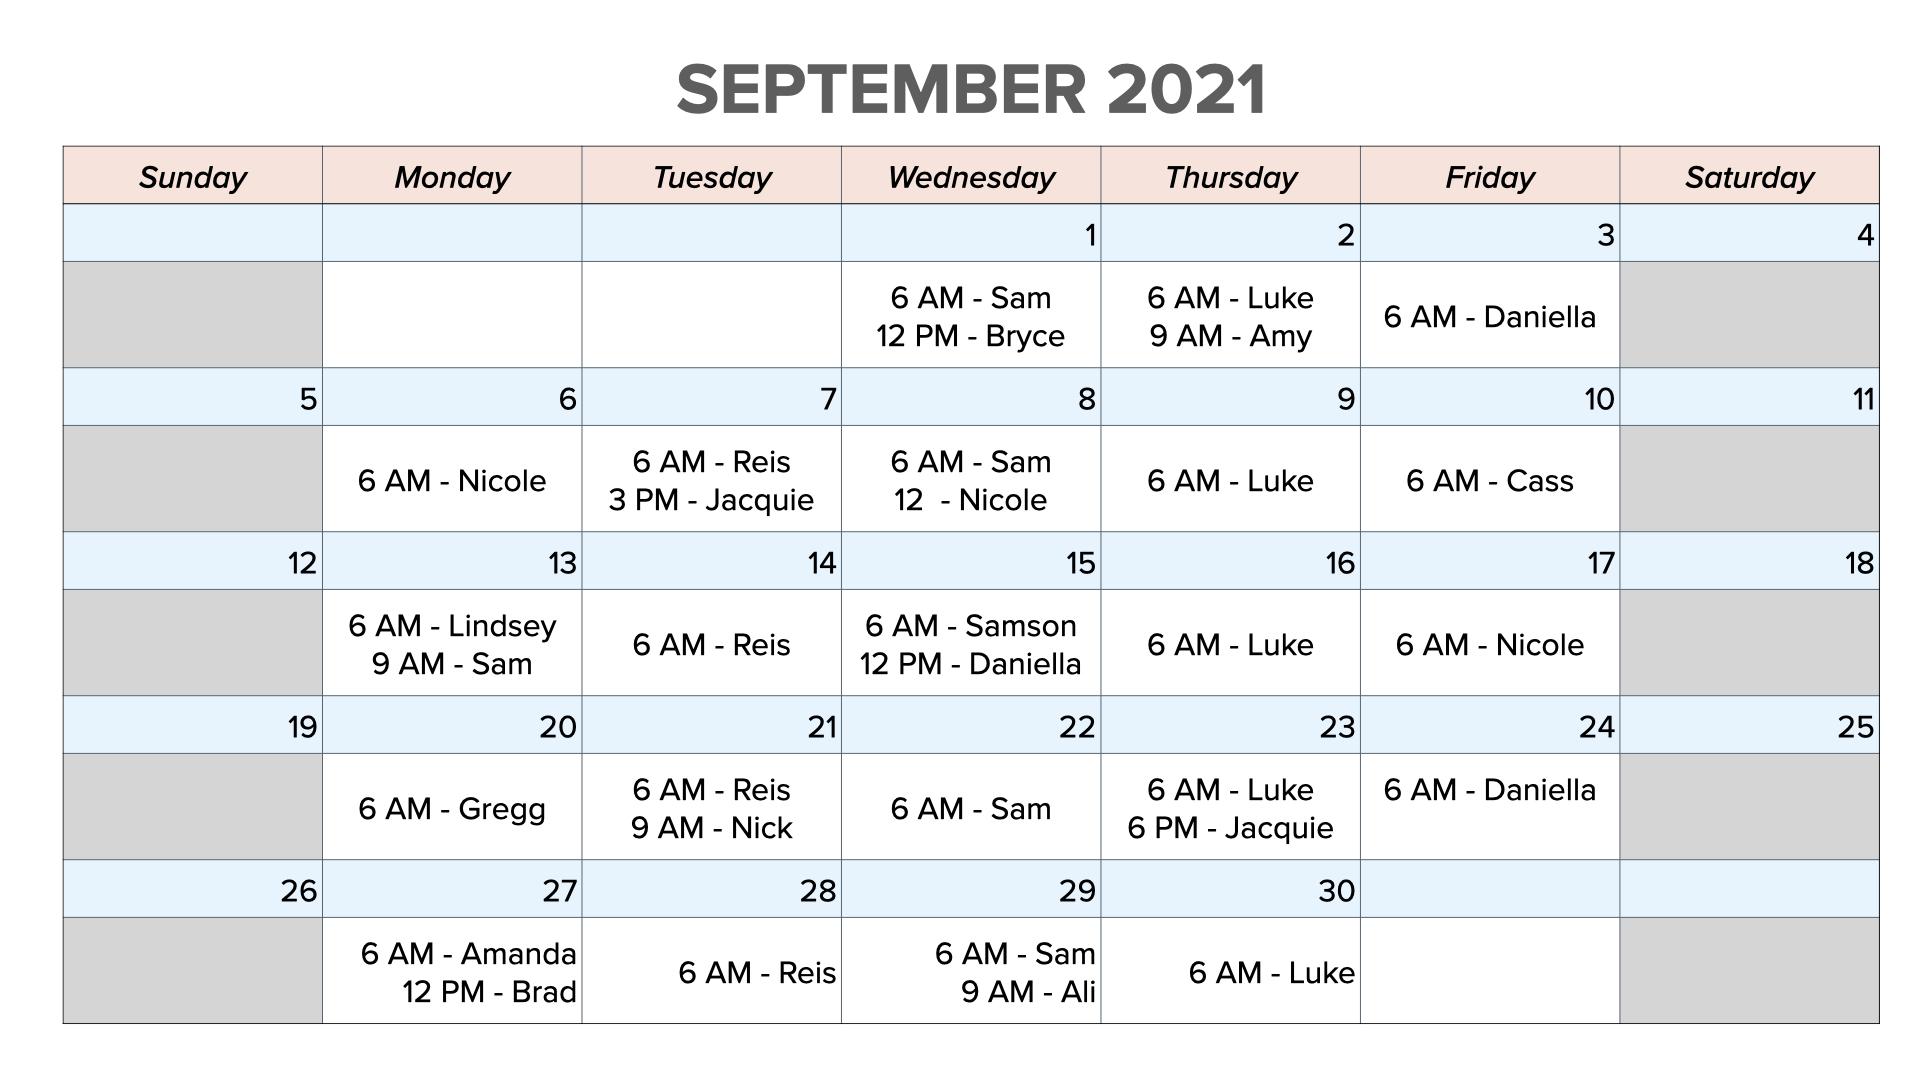 September 2021 schedule